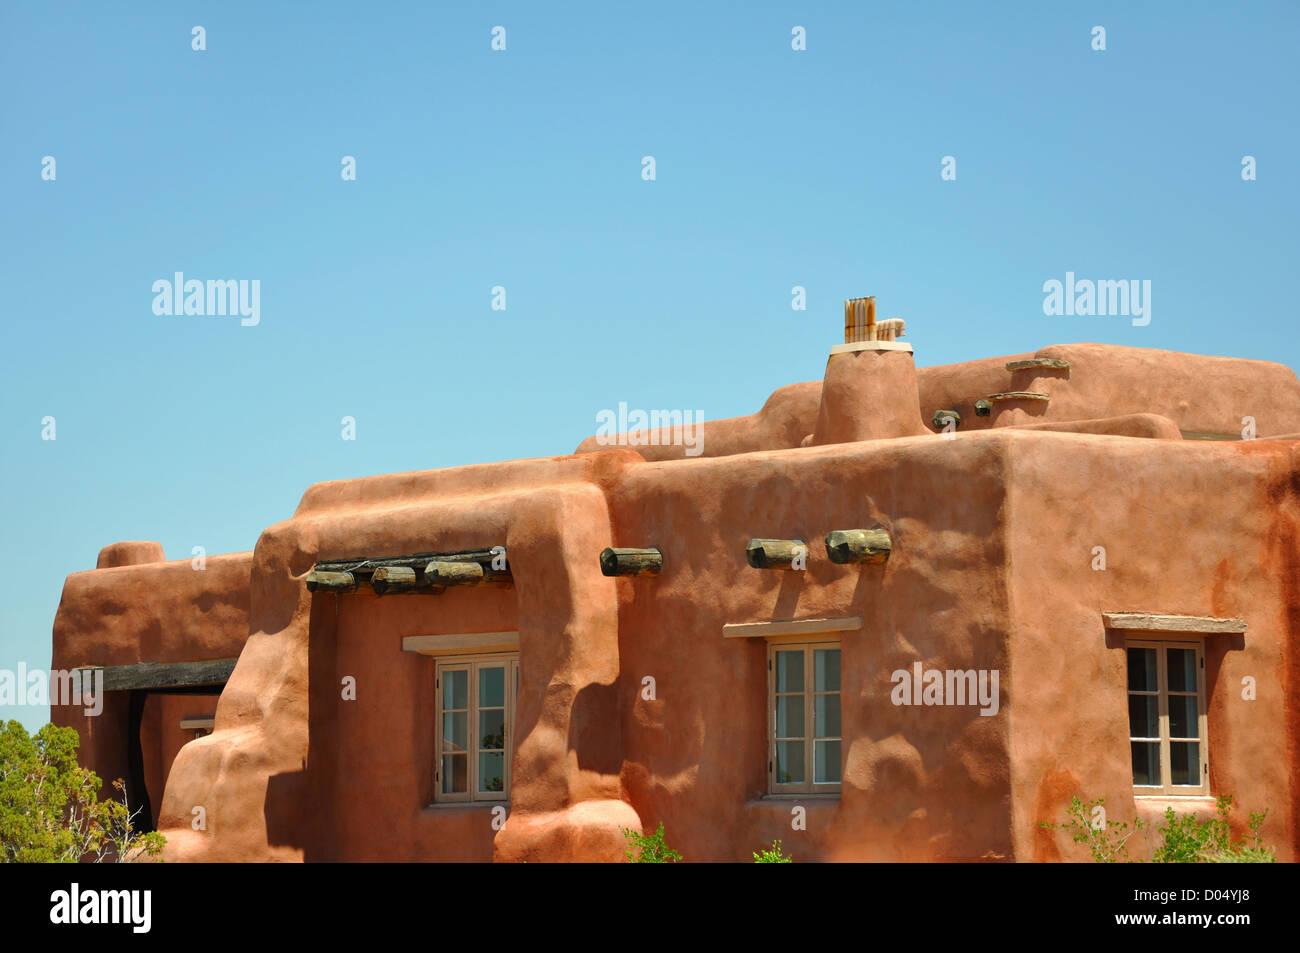 Casa de estilo adobe, Arizona, EE.UU. Imagen De Stock